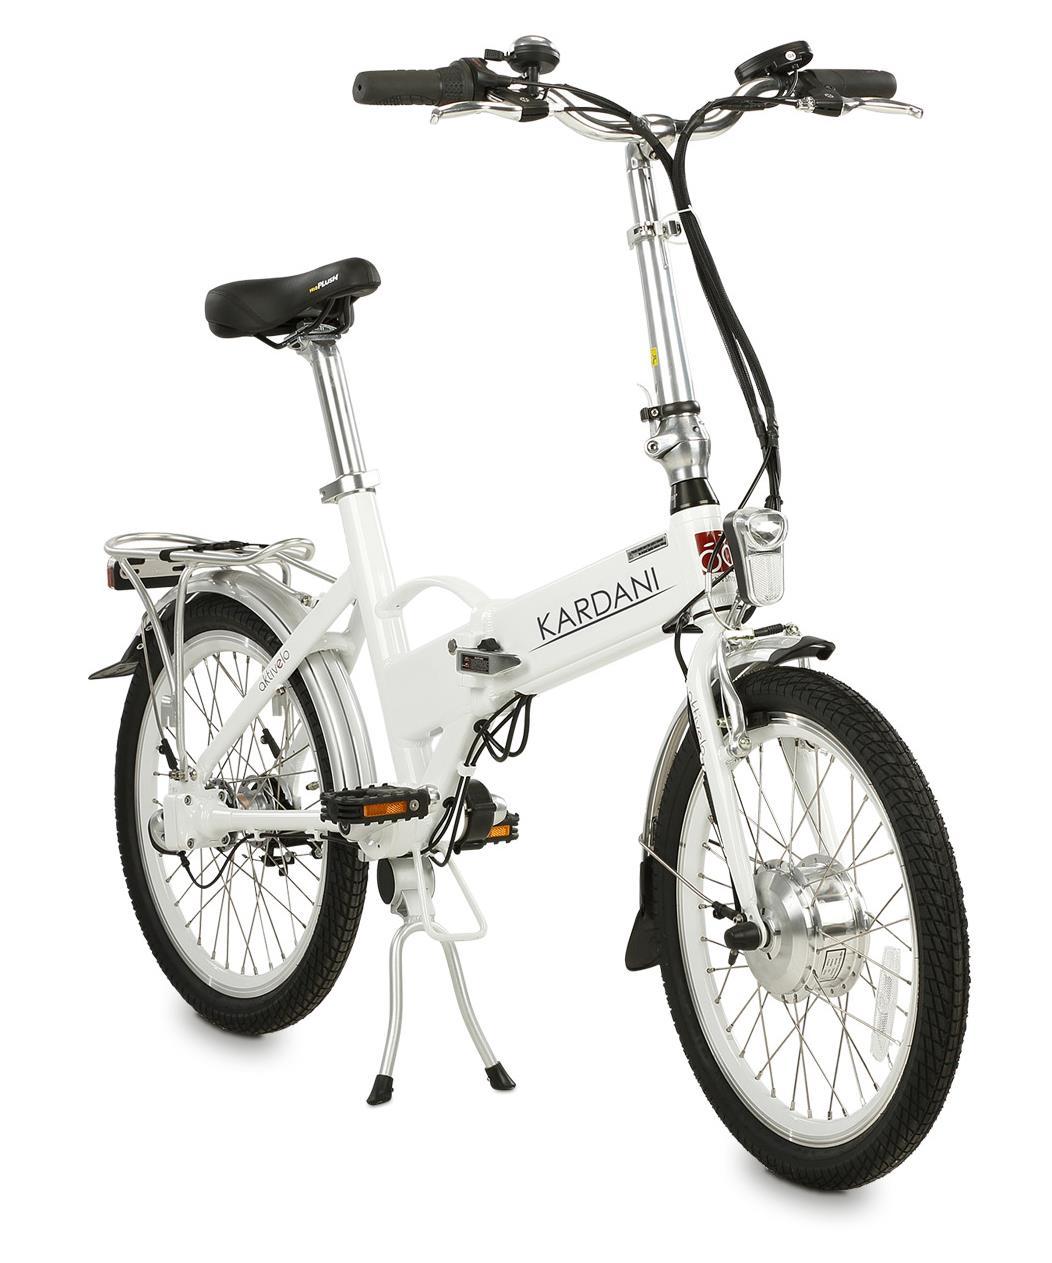 Das aktivelo Kardani bietet Ihnen ein modernes Faltrad mit wartungsfreiem Kardanantrieb.